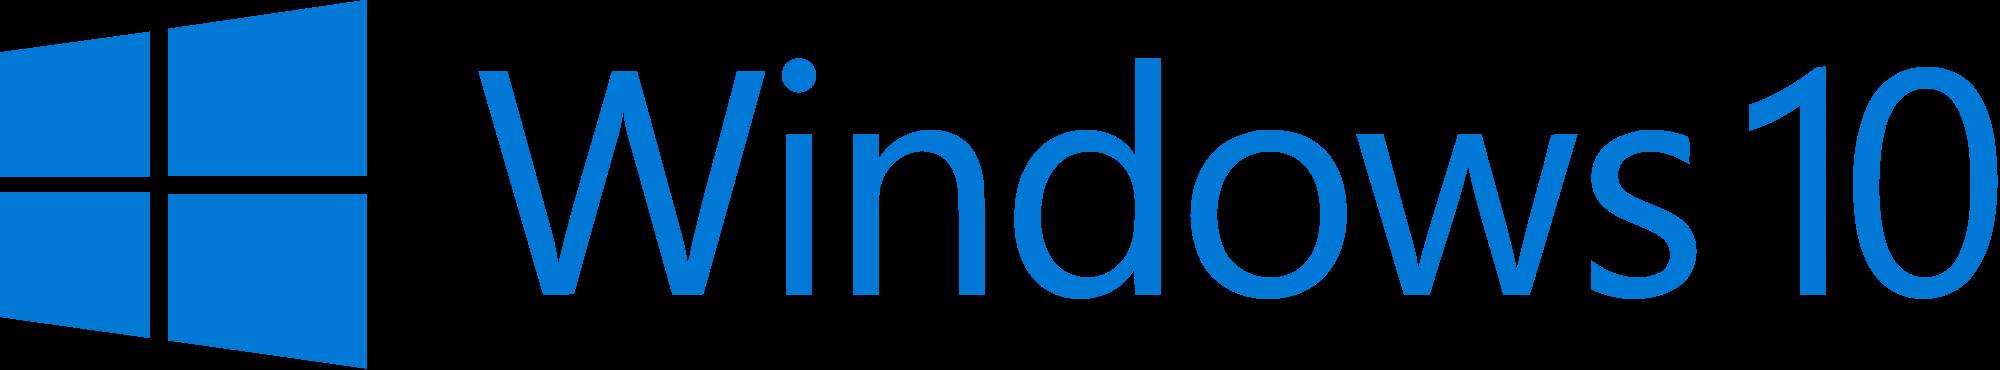 Windows 10 IoT - Einführung Soft- & Hardware Entwicklung Logo